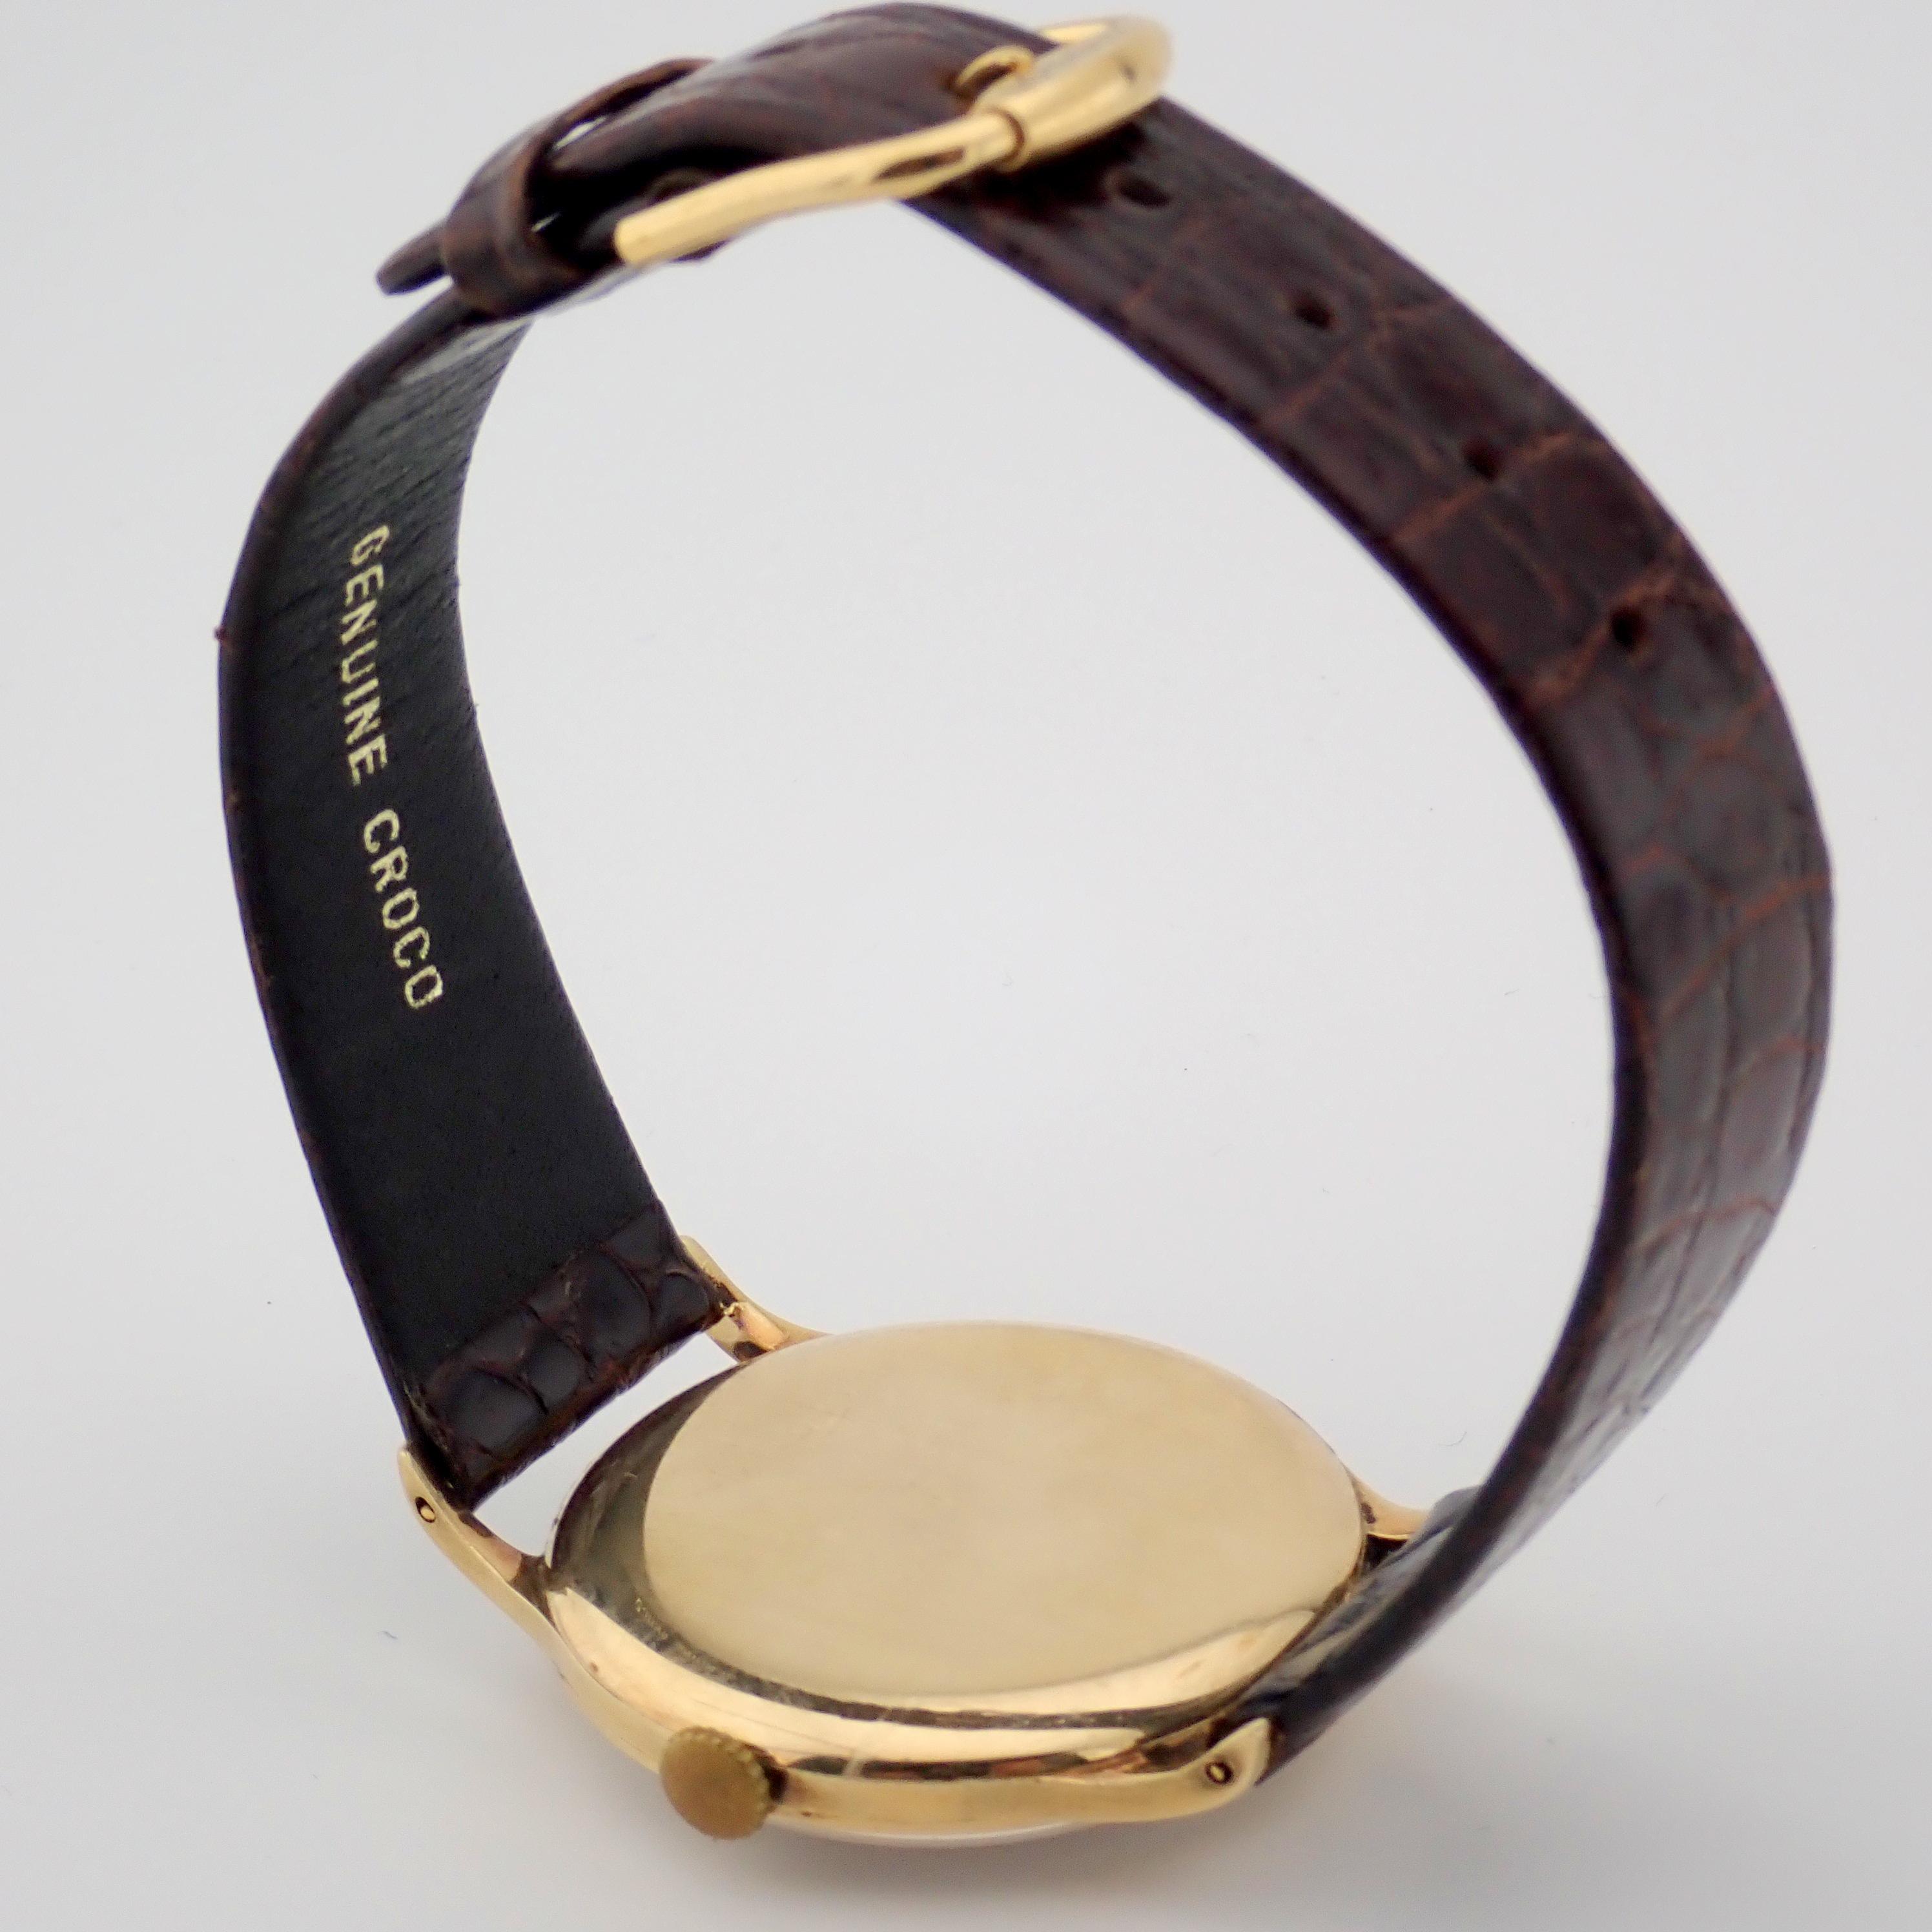 Tissot / Antimagnetique Classic 14K - Gentlemen's Yellow gold Wrist Watch - Image 12 of 12